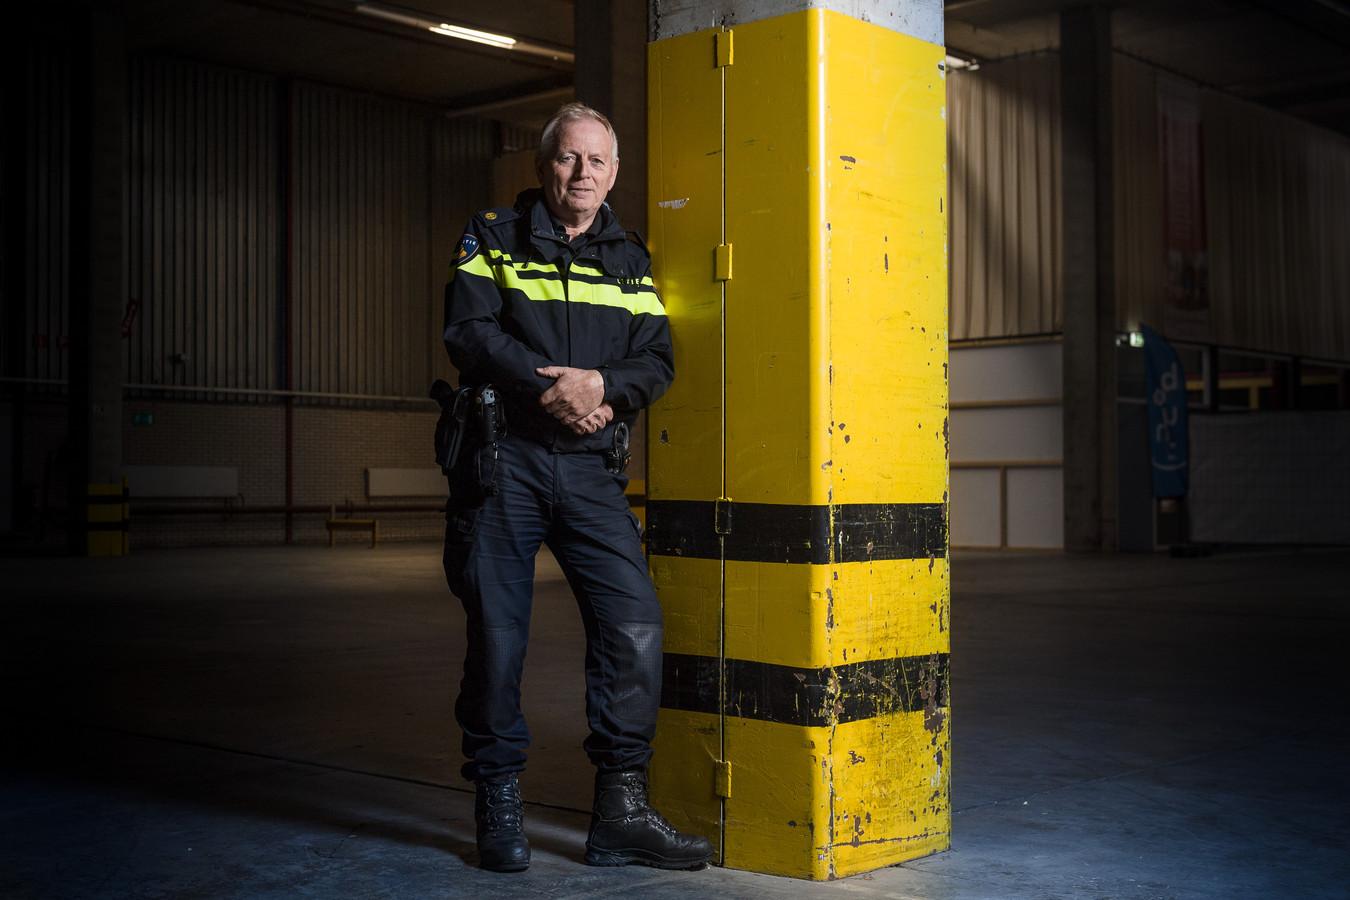 Wijkagent Bennie Visschedijk